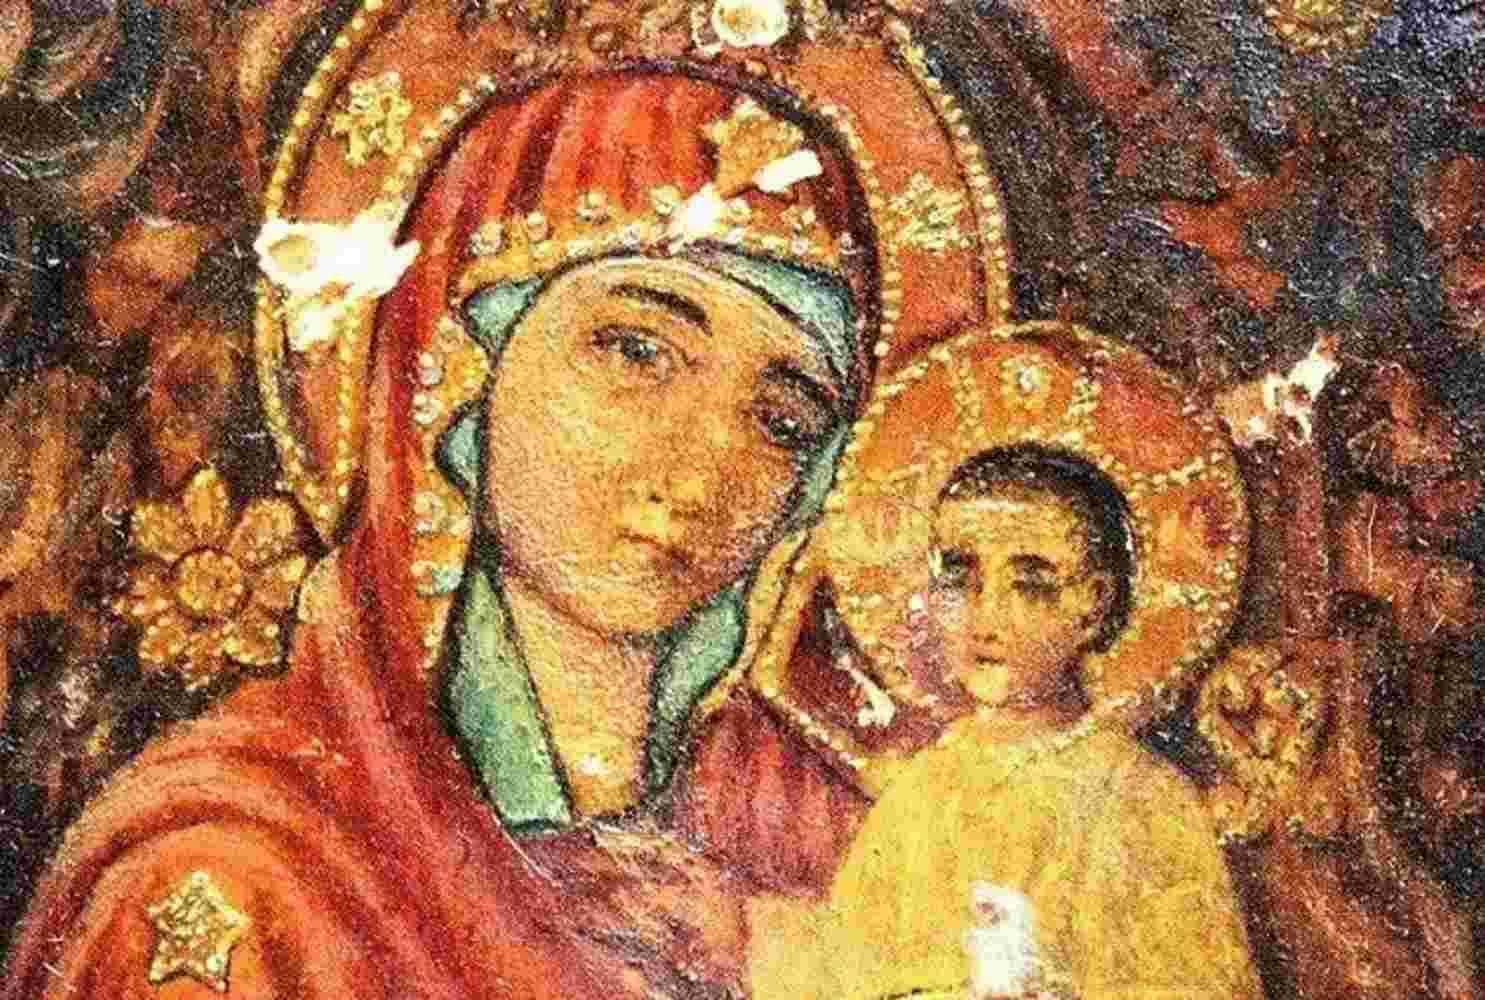 v-saratovskuyu-shkolu-hoteli-privezti-ikonu-bozhej-materi-dlya-pokloneniya-razgorelsya-skandal